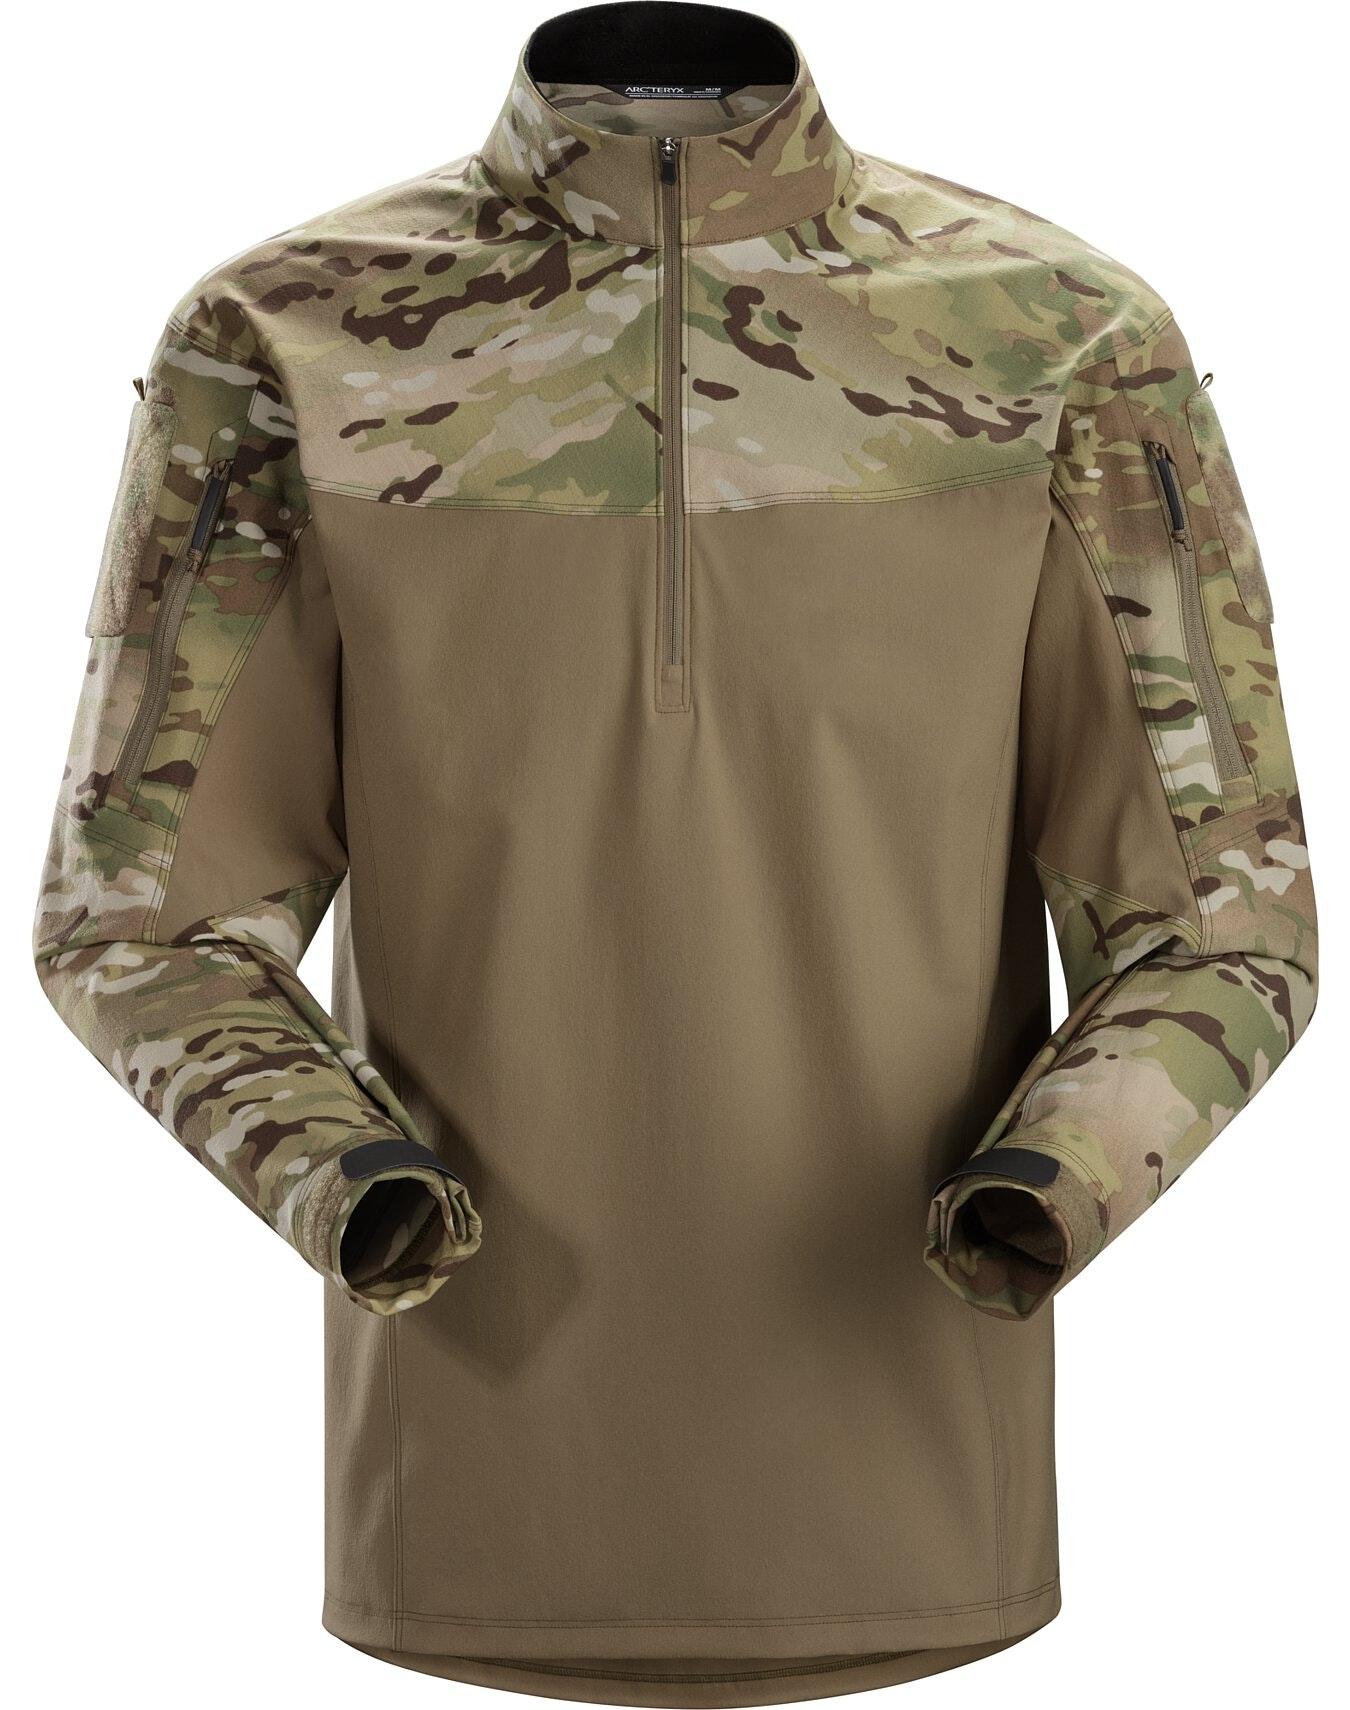 Assault Shirt SV MultiCam Multicam